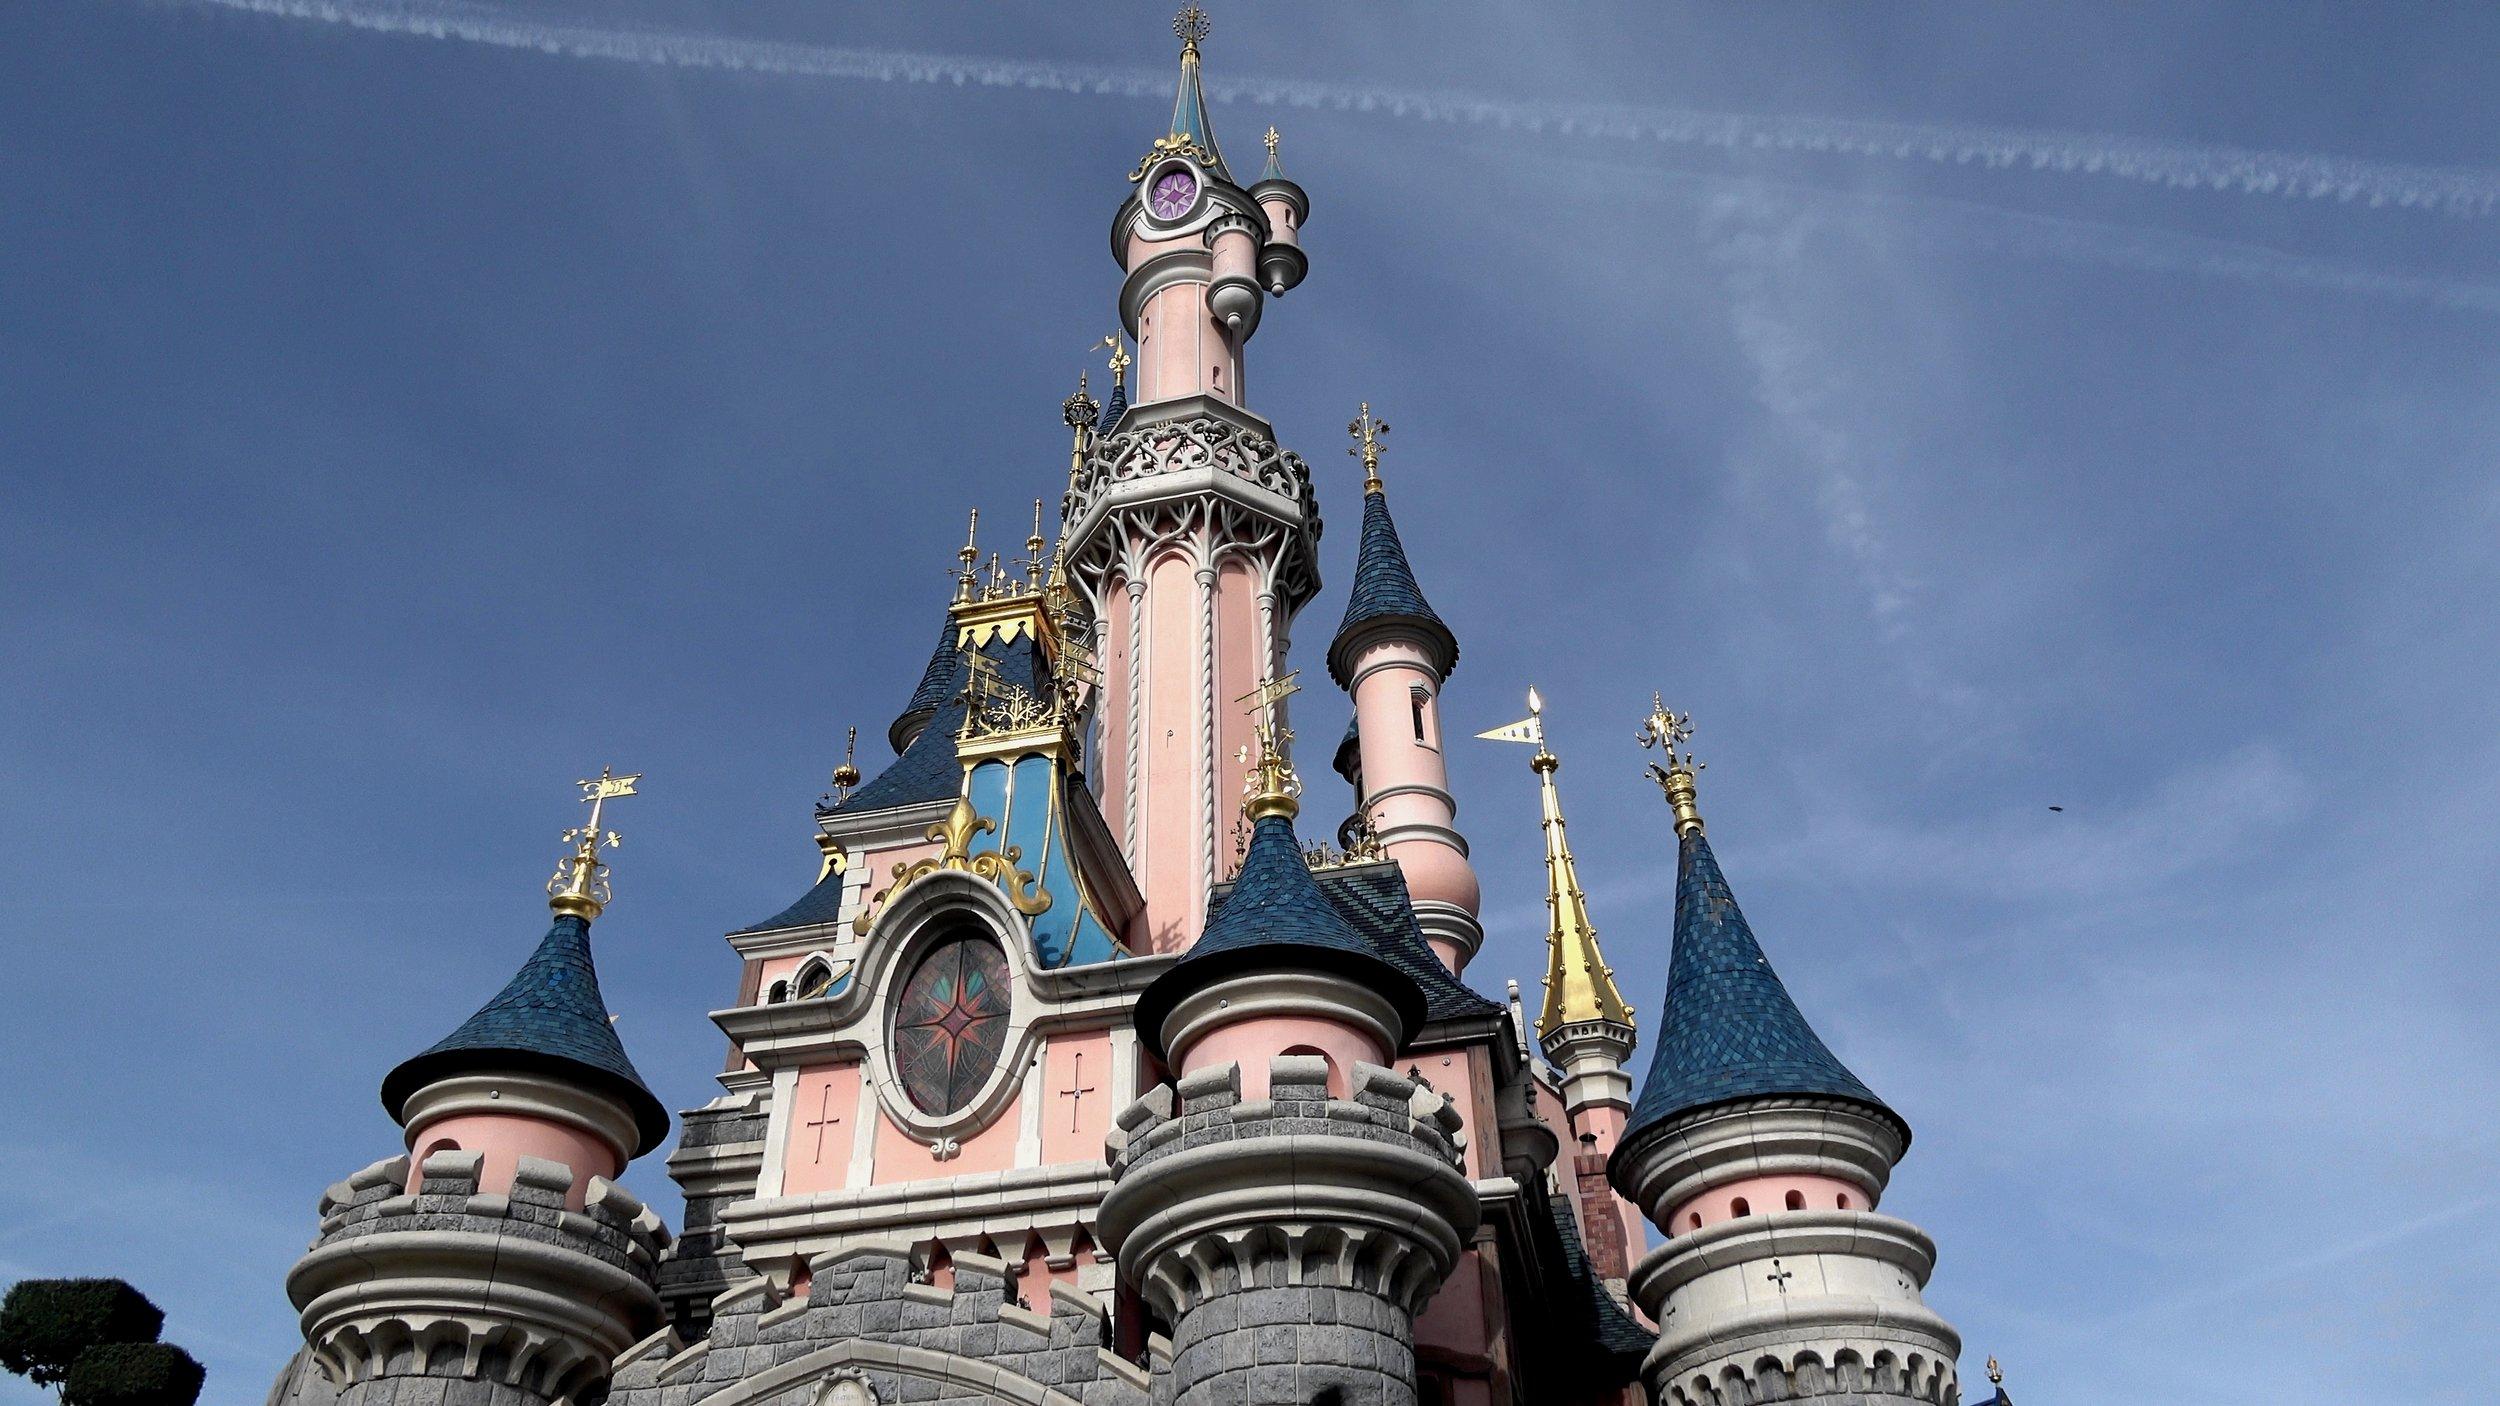 Walking around Fantasyland March 2019 at Disneyland Paris.jpg